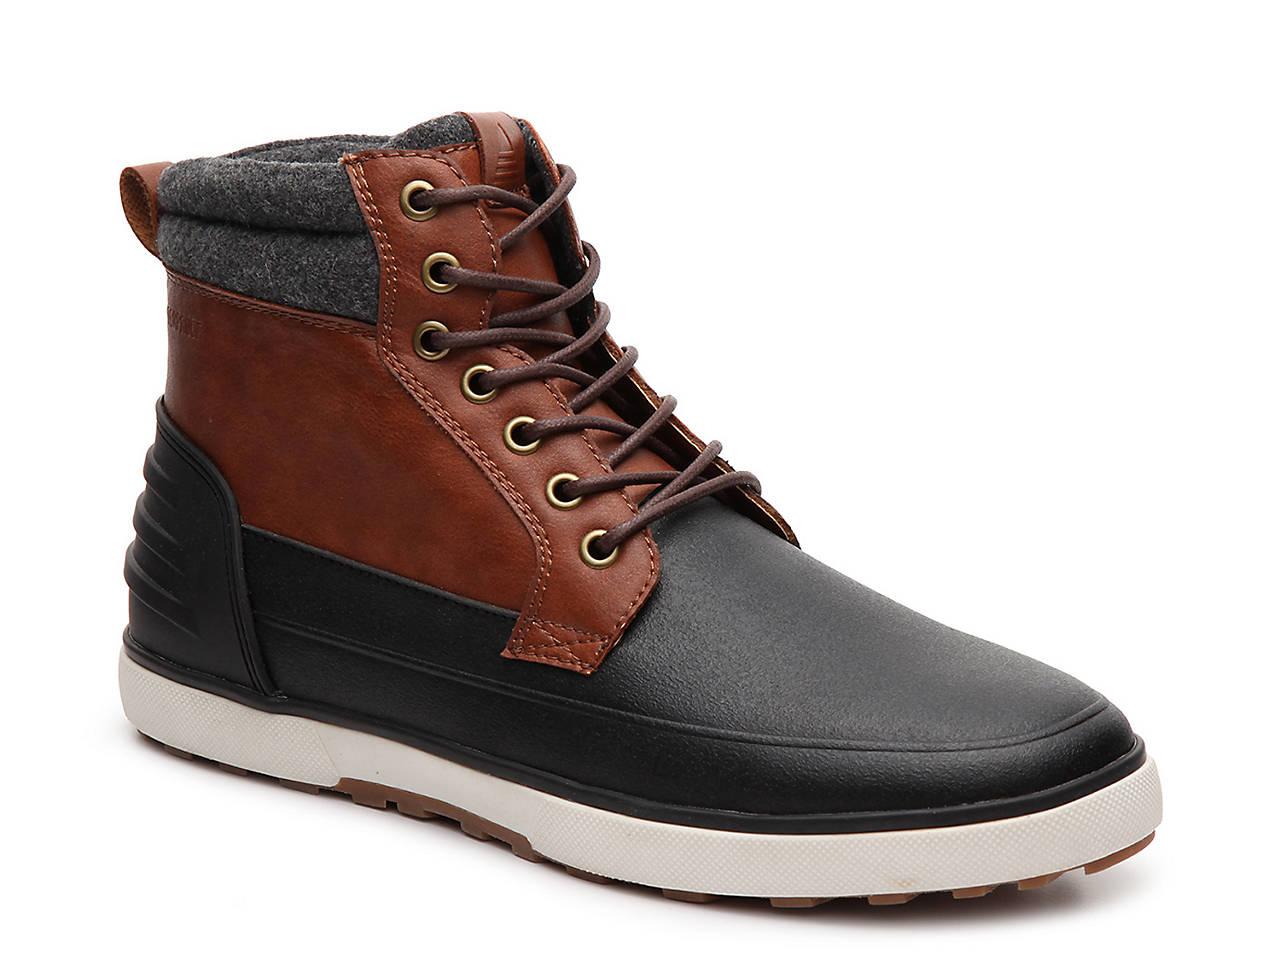 a5565eed47 Aldo Edaowiel Boot Men's Shoes | DSW